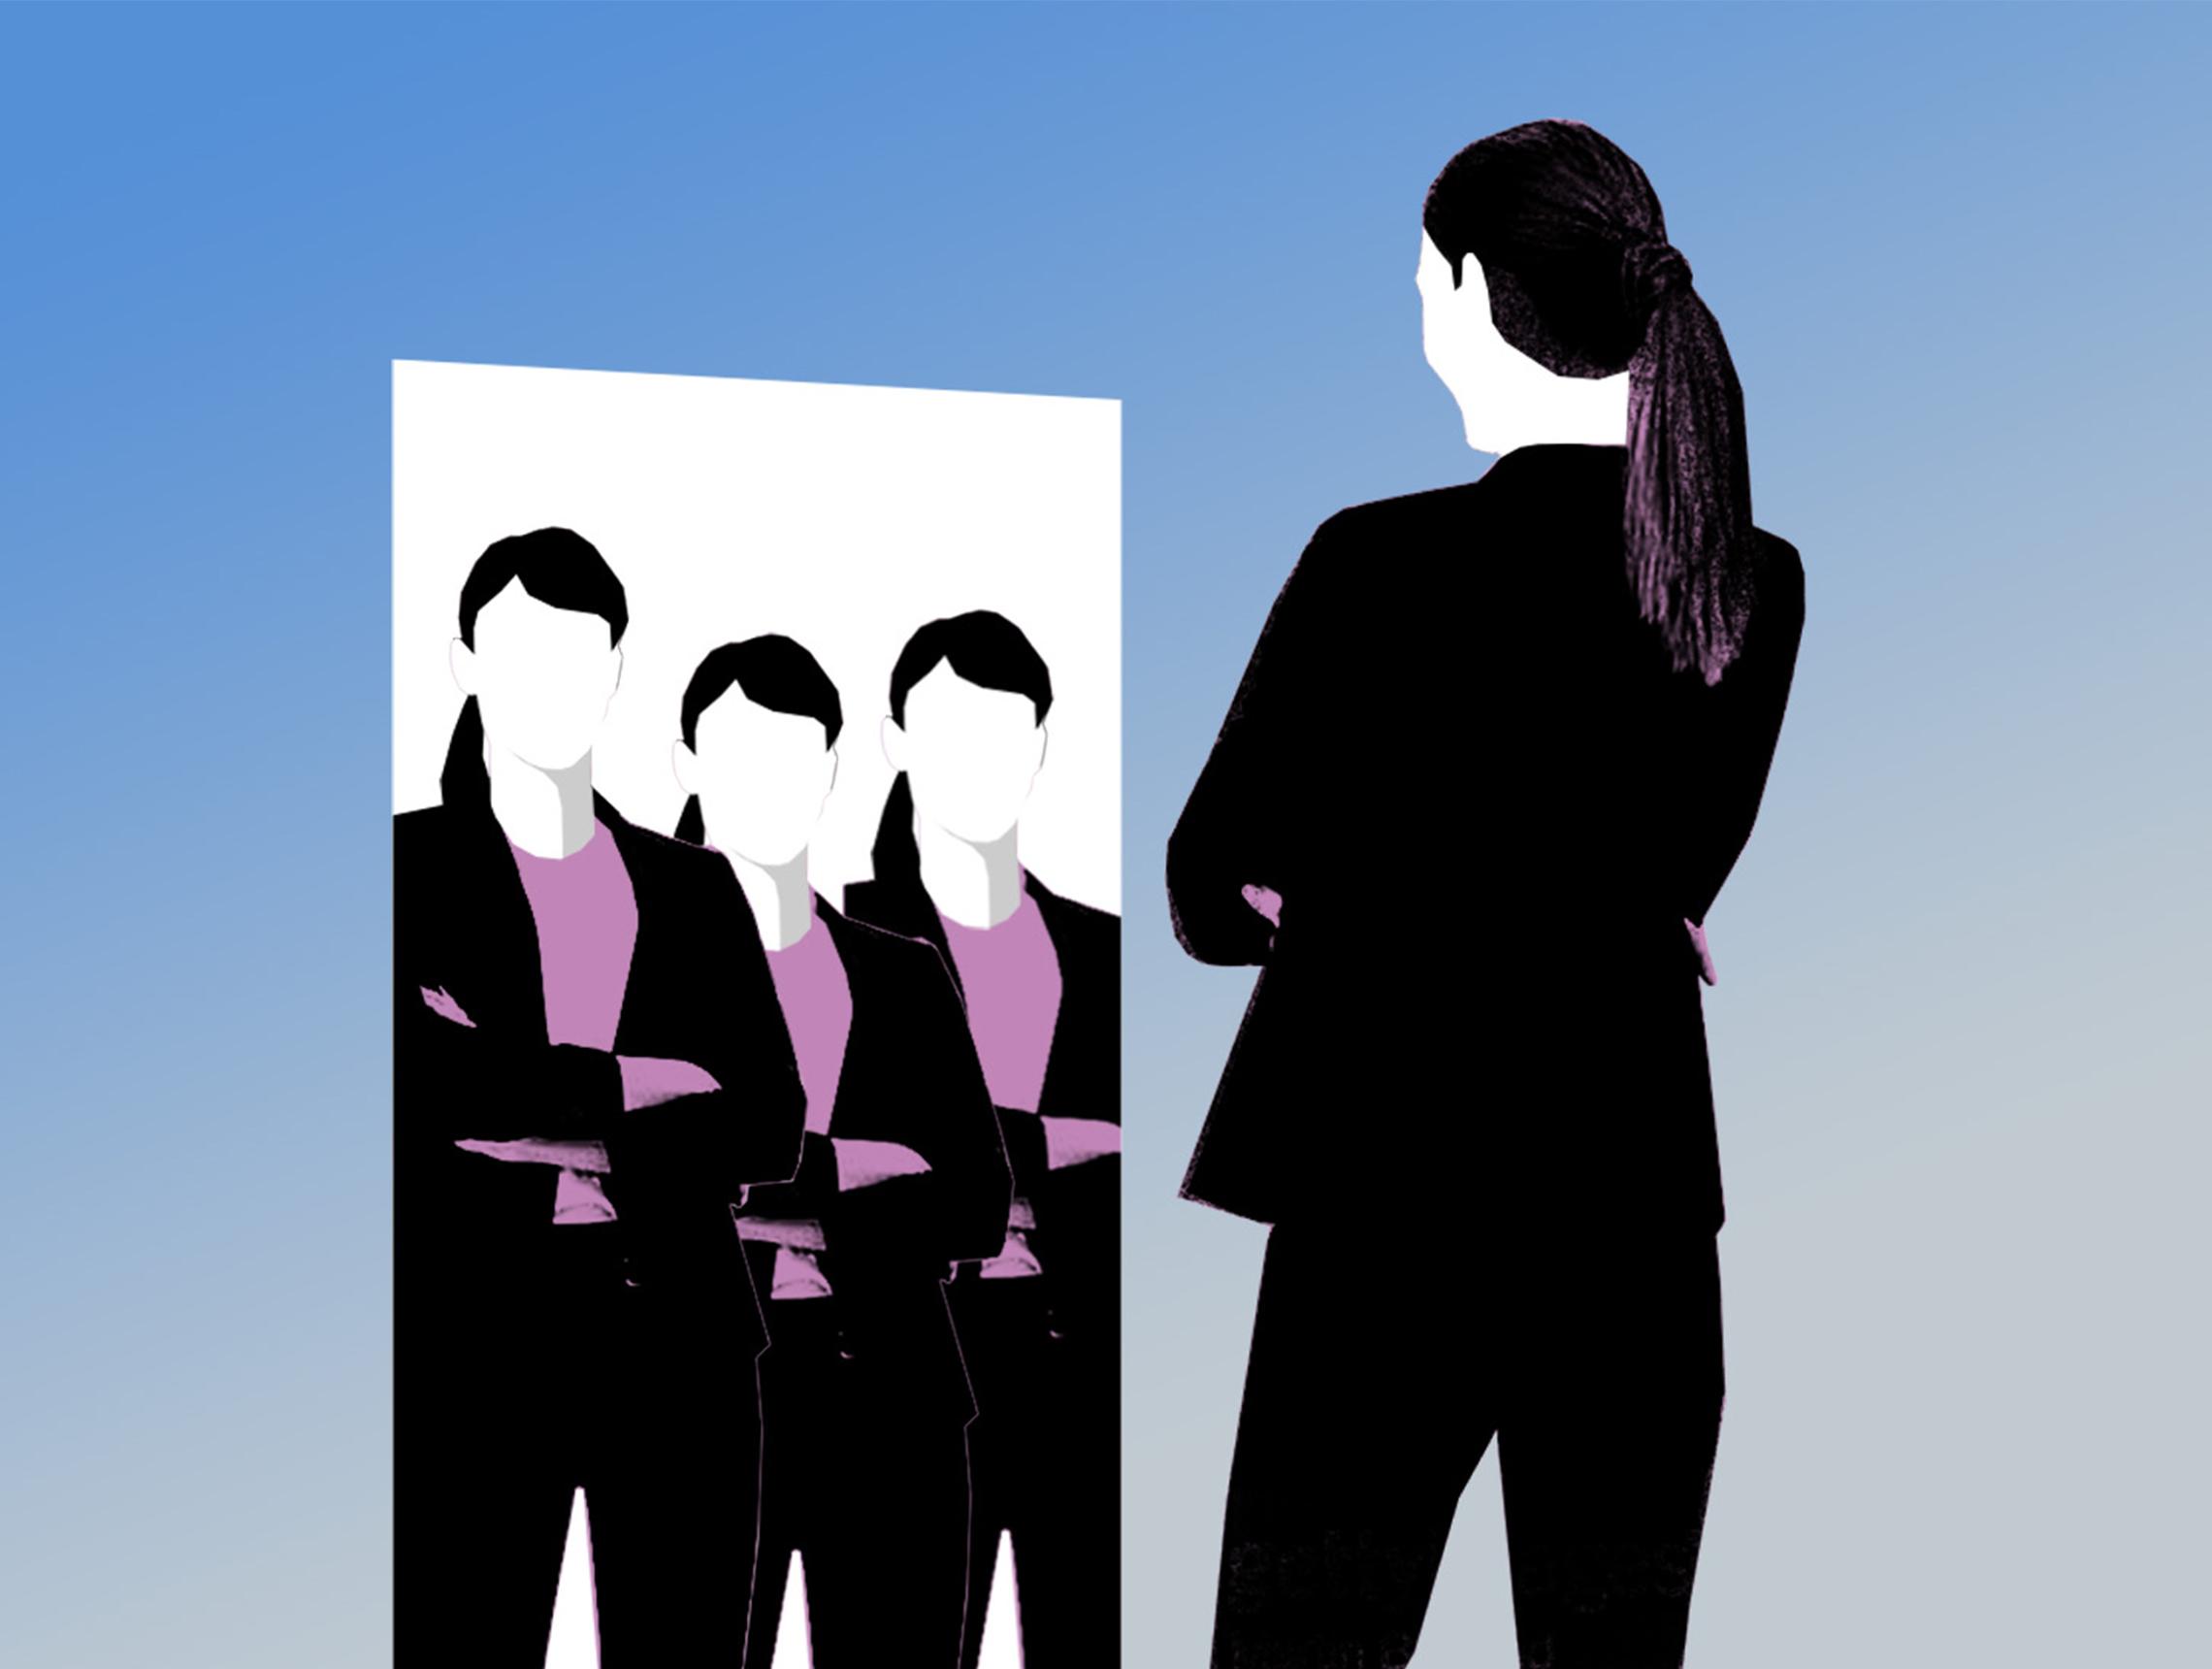 Frau steht vor Spiegel mit mehreren Reflektionen